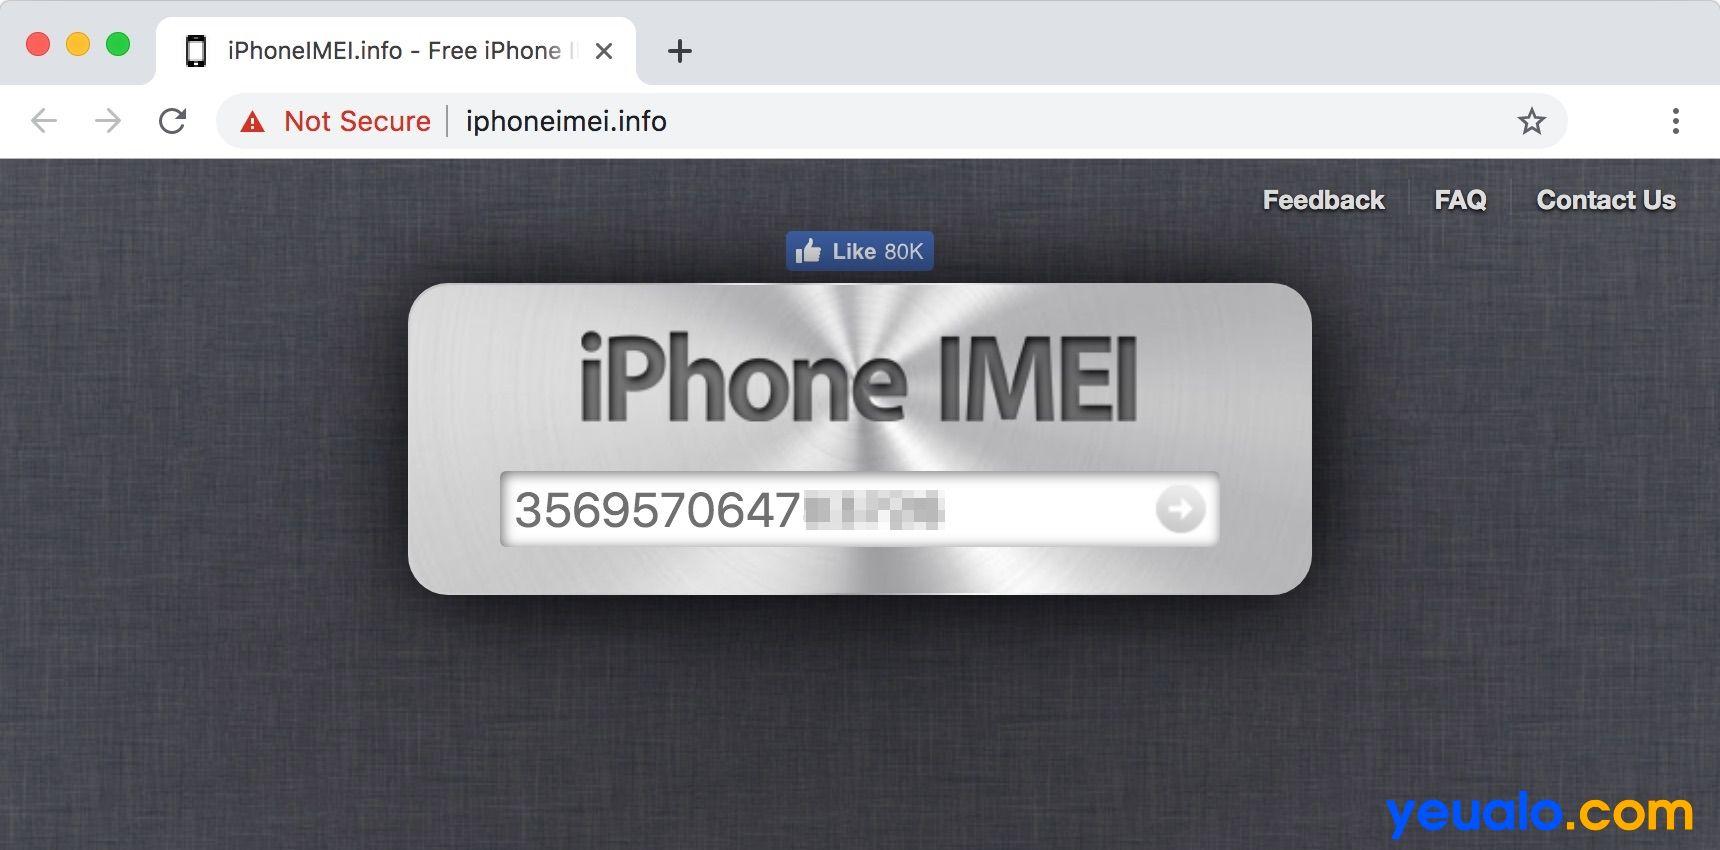 Cách kiểm tra iPhone Lock hay quốc tế nhanh nhất